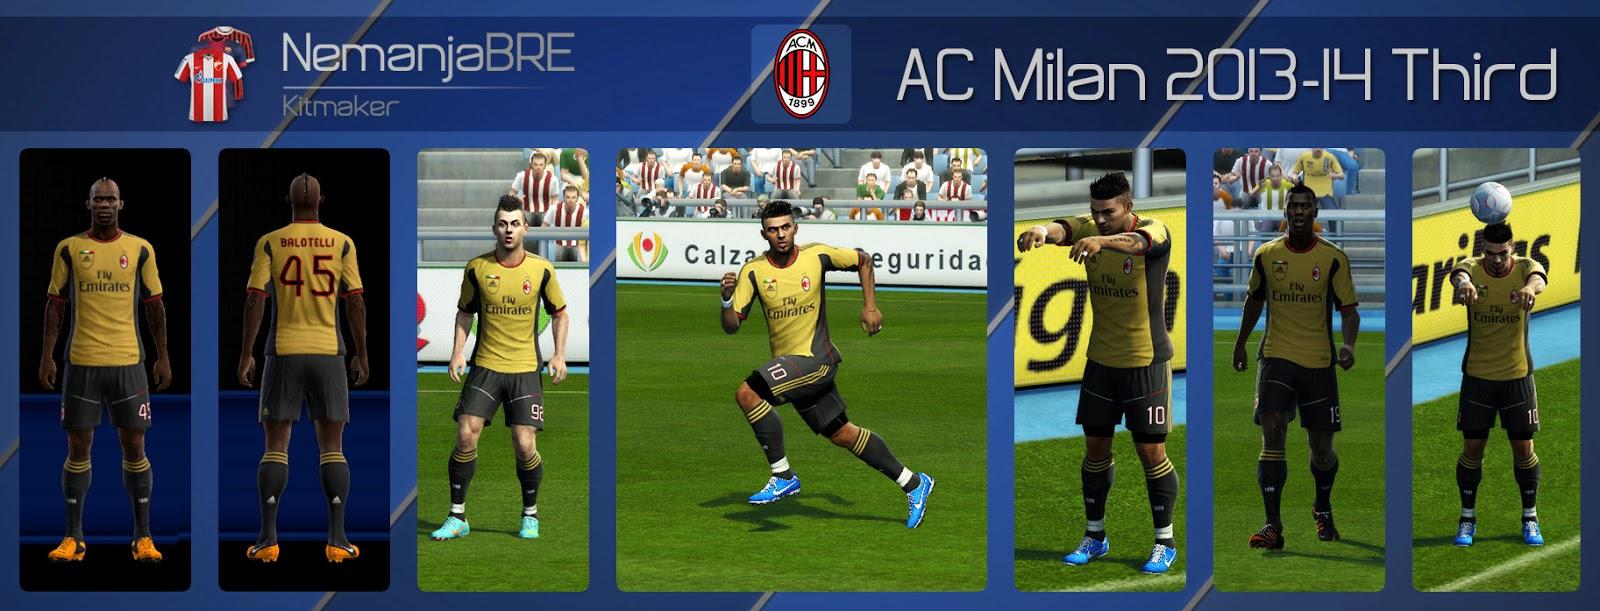 A.C Milan Kit Third - PES 2013